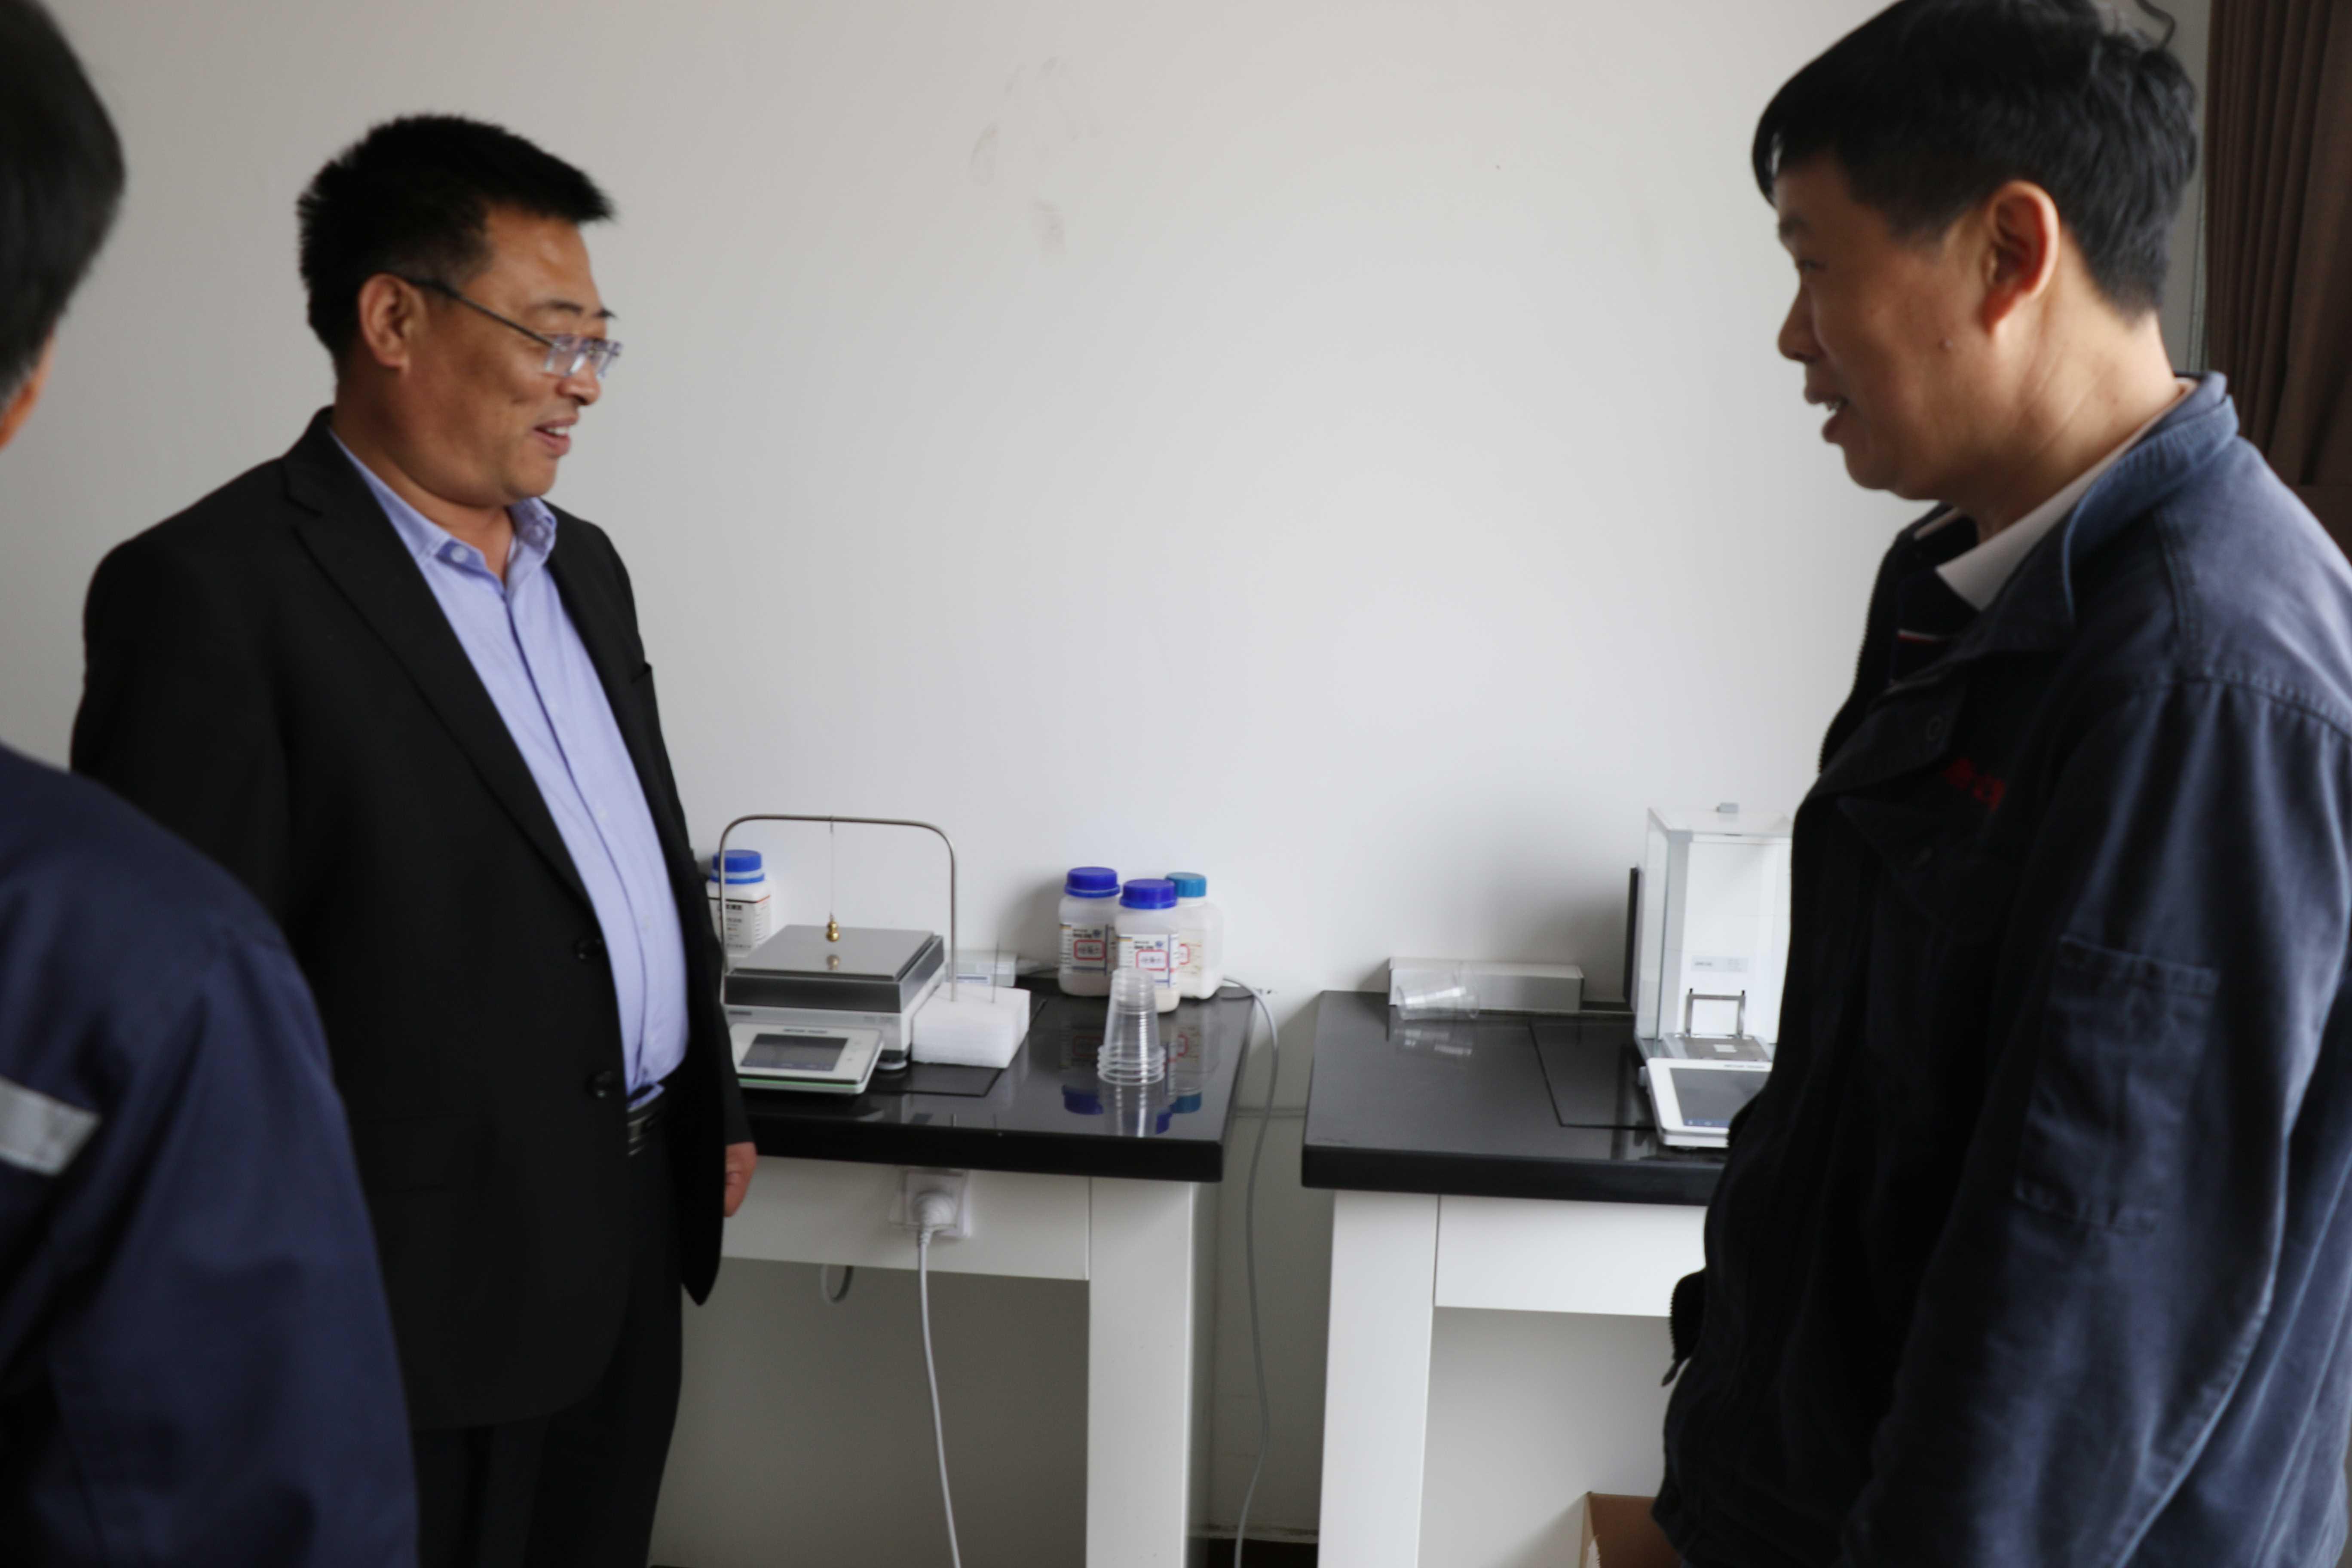 公司与乐亭县综合职业技术学校领导校企交流-071A6257